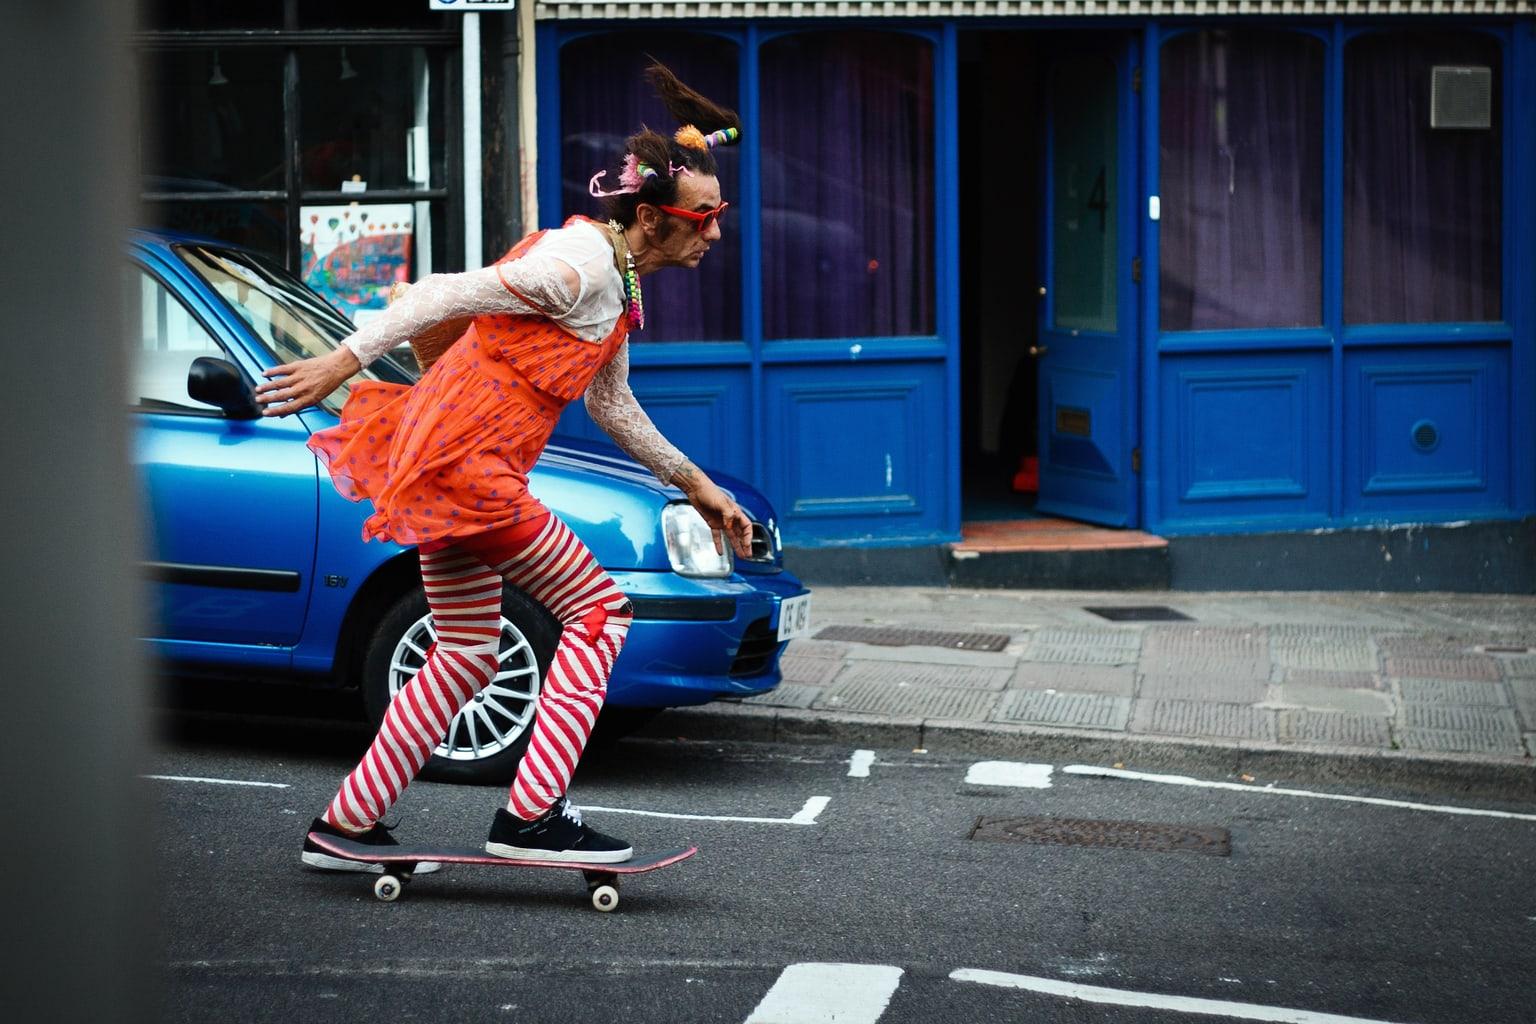 Fotografía callejera de un skater con su patinete